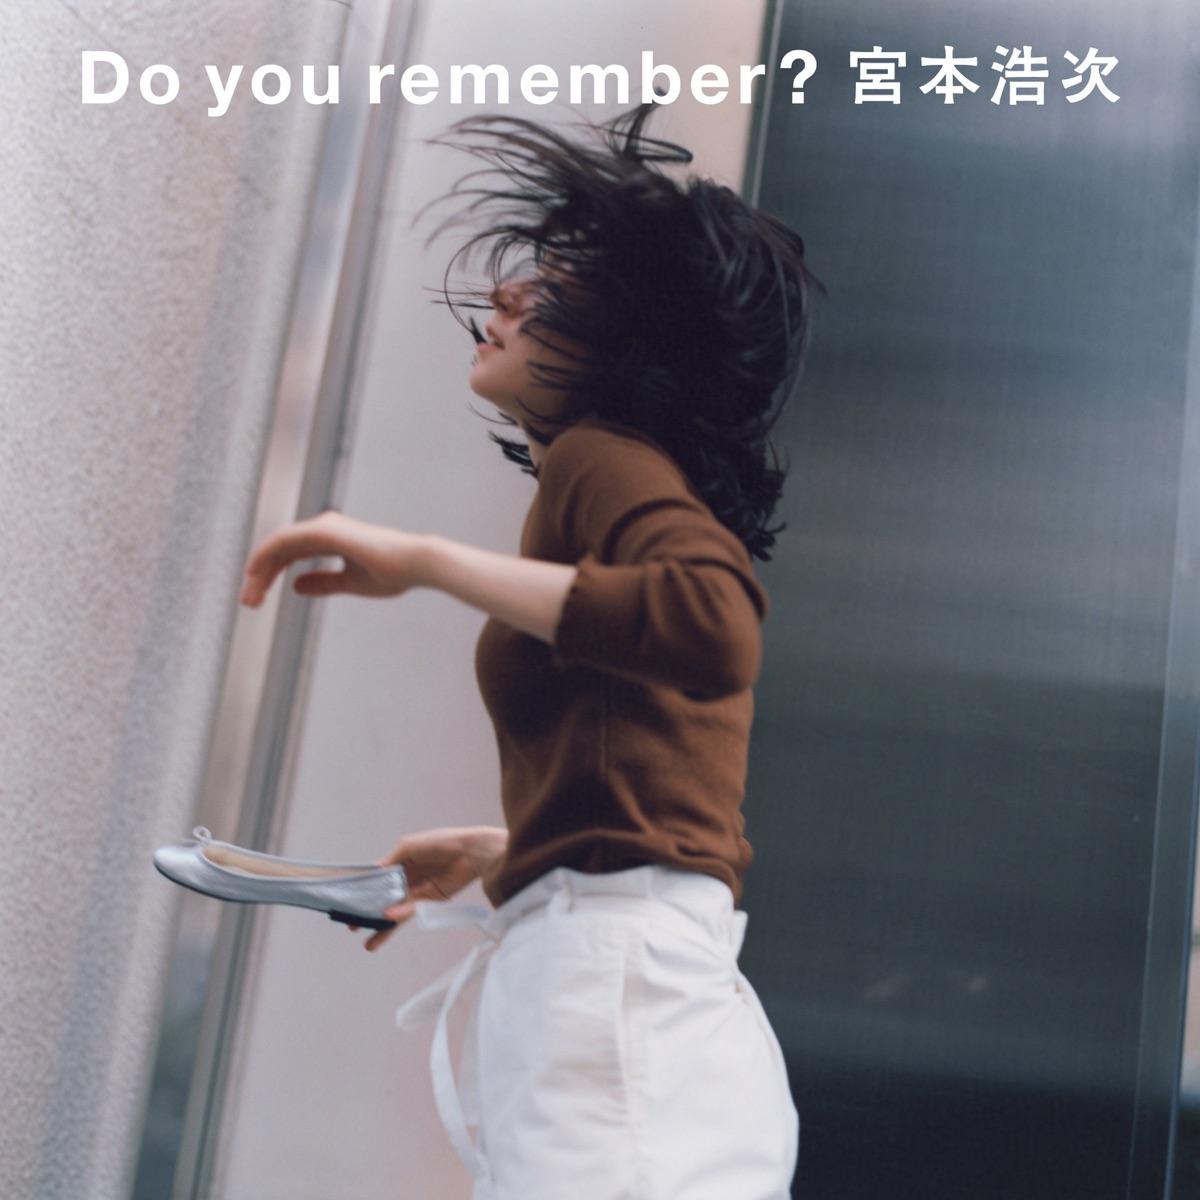 『宮本浩次 If I Fell 歌詞』収録の『Do you remember?』ジャケット